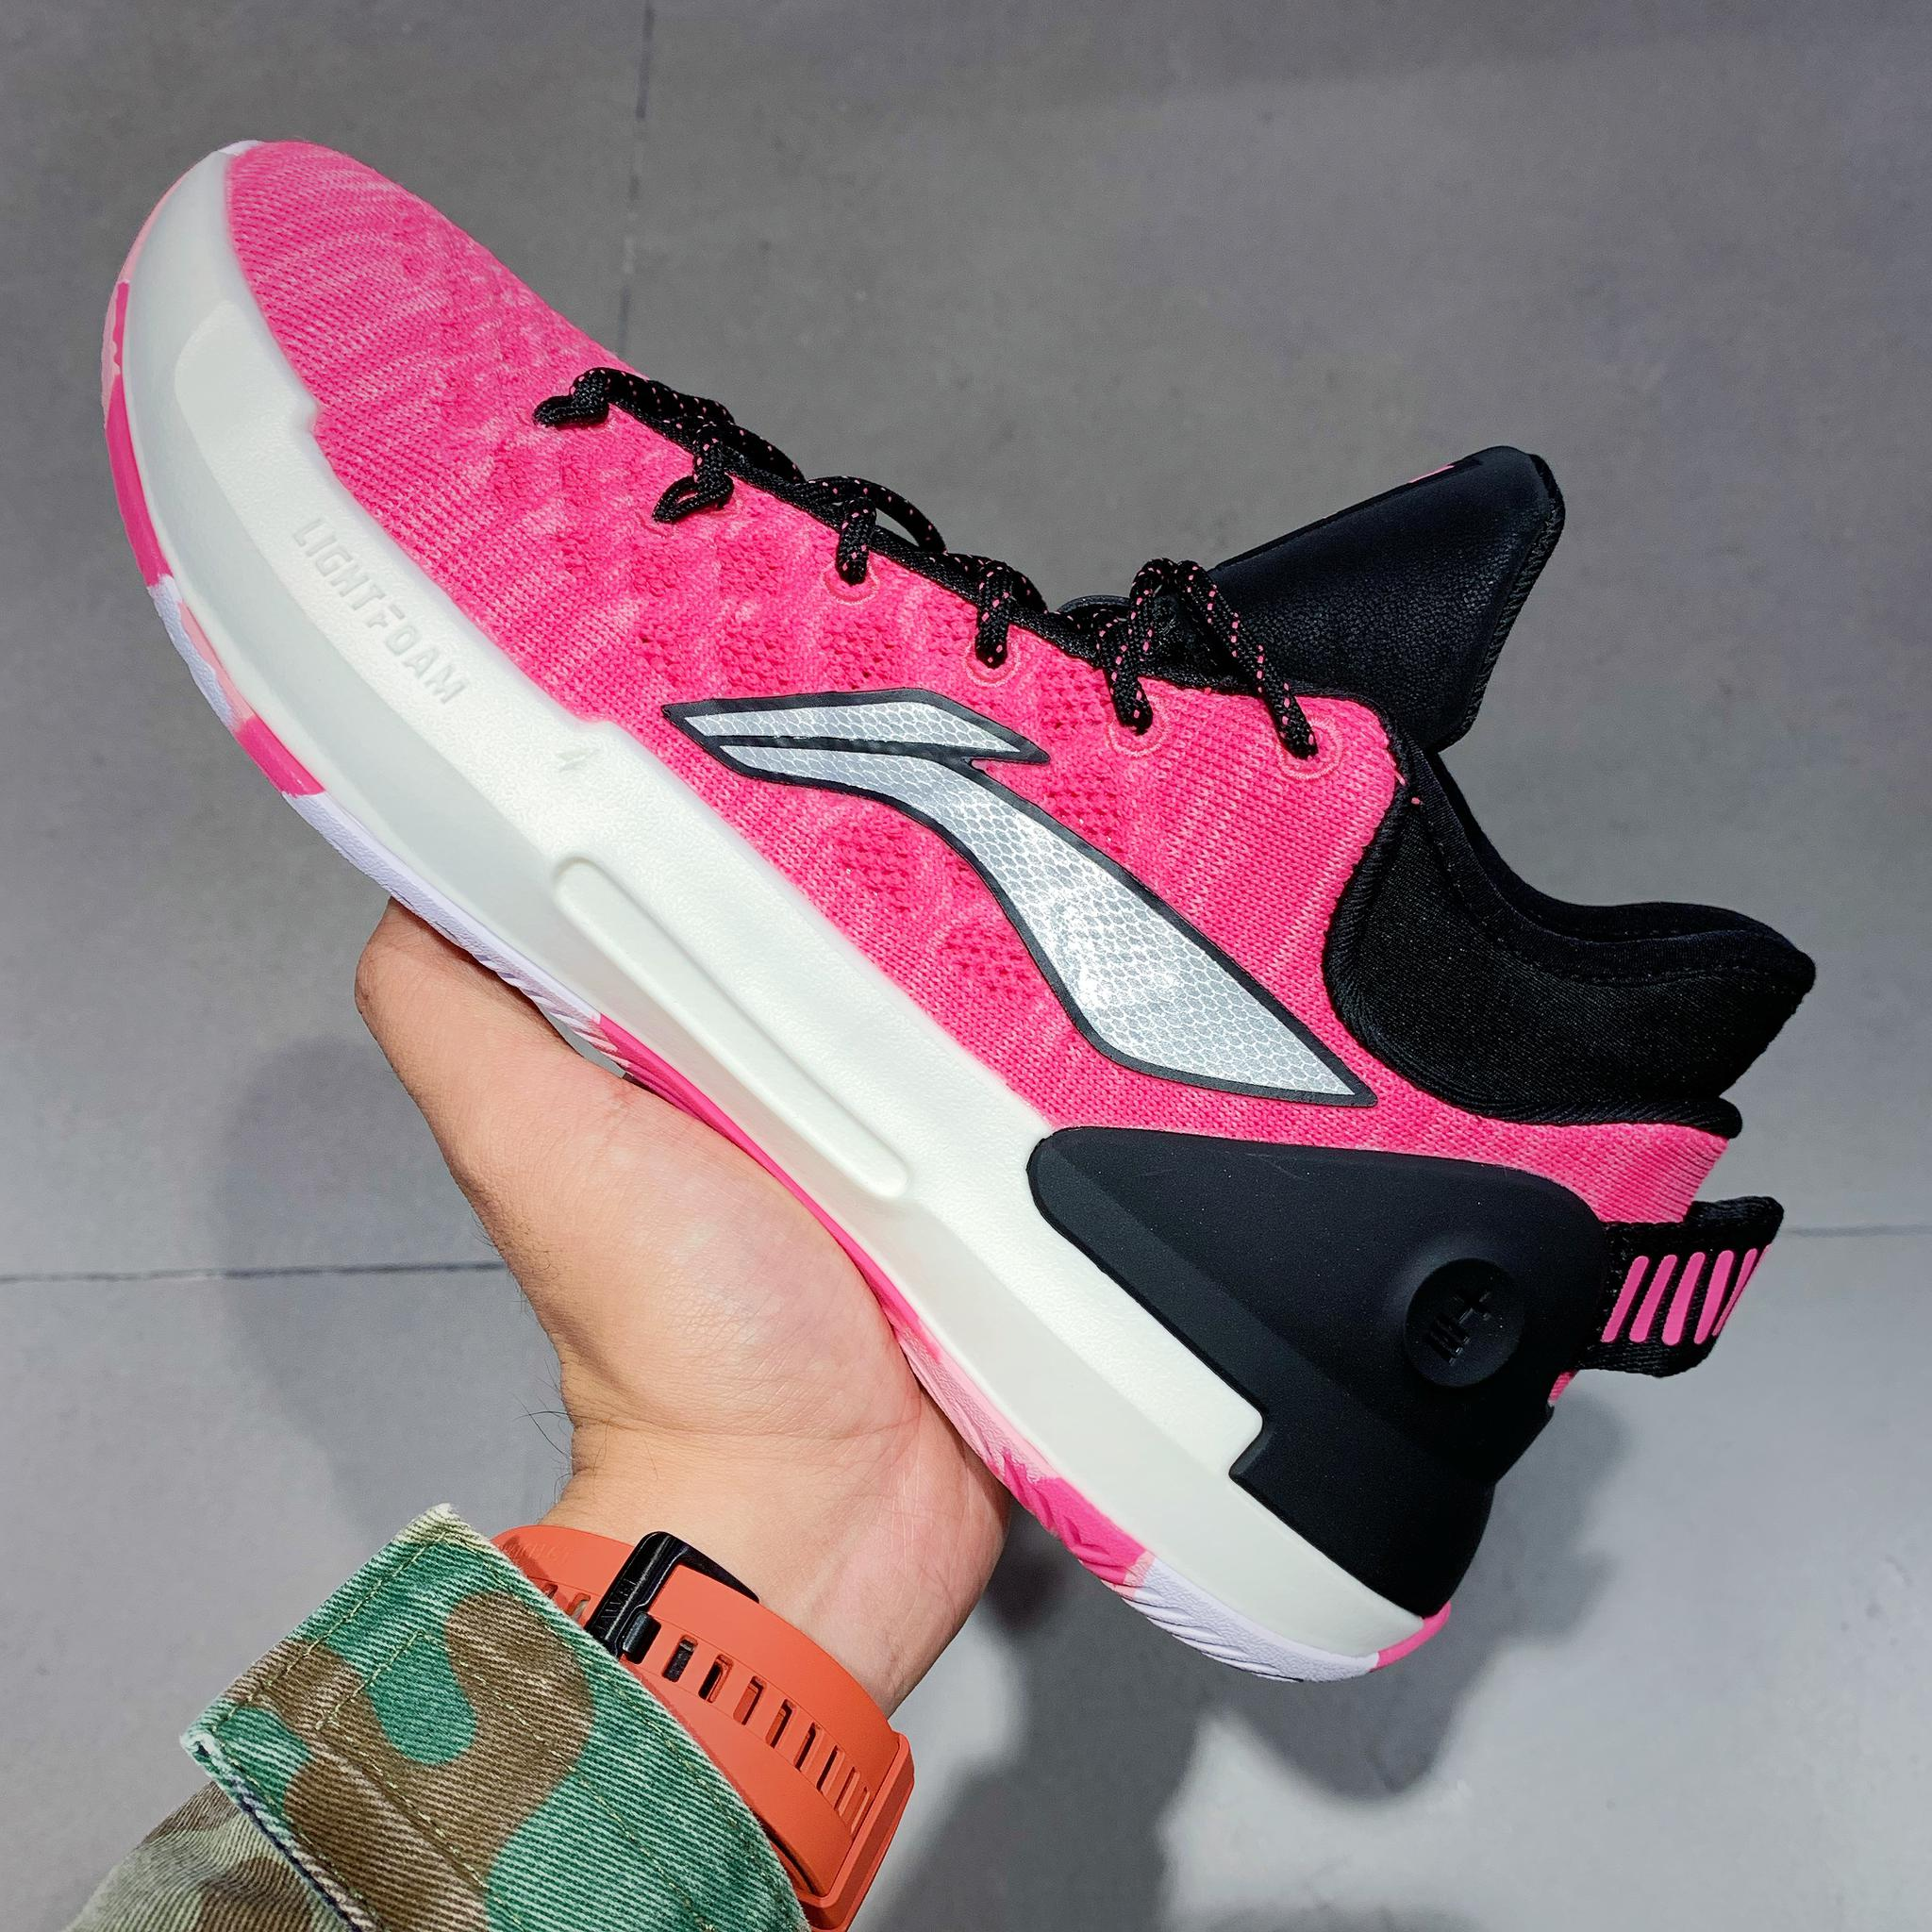 粉色实战鞋近一段时间人气回落